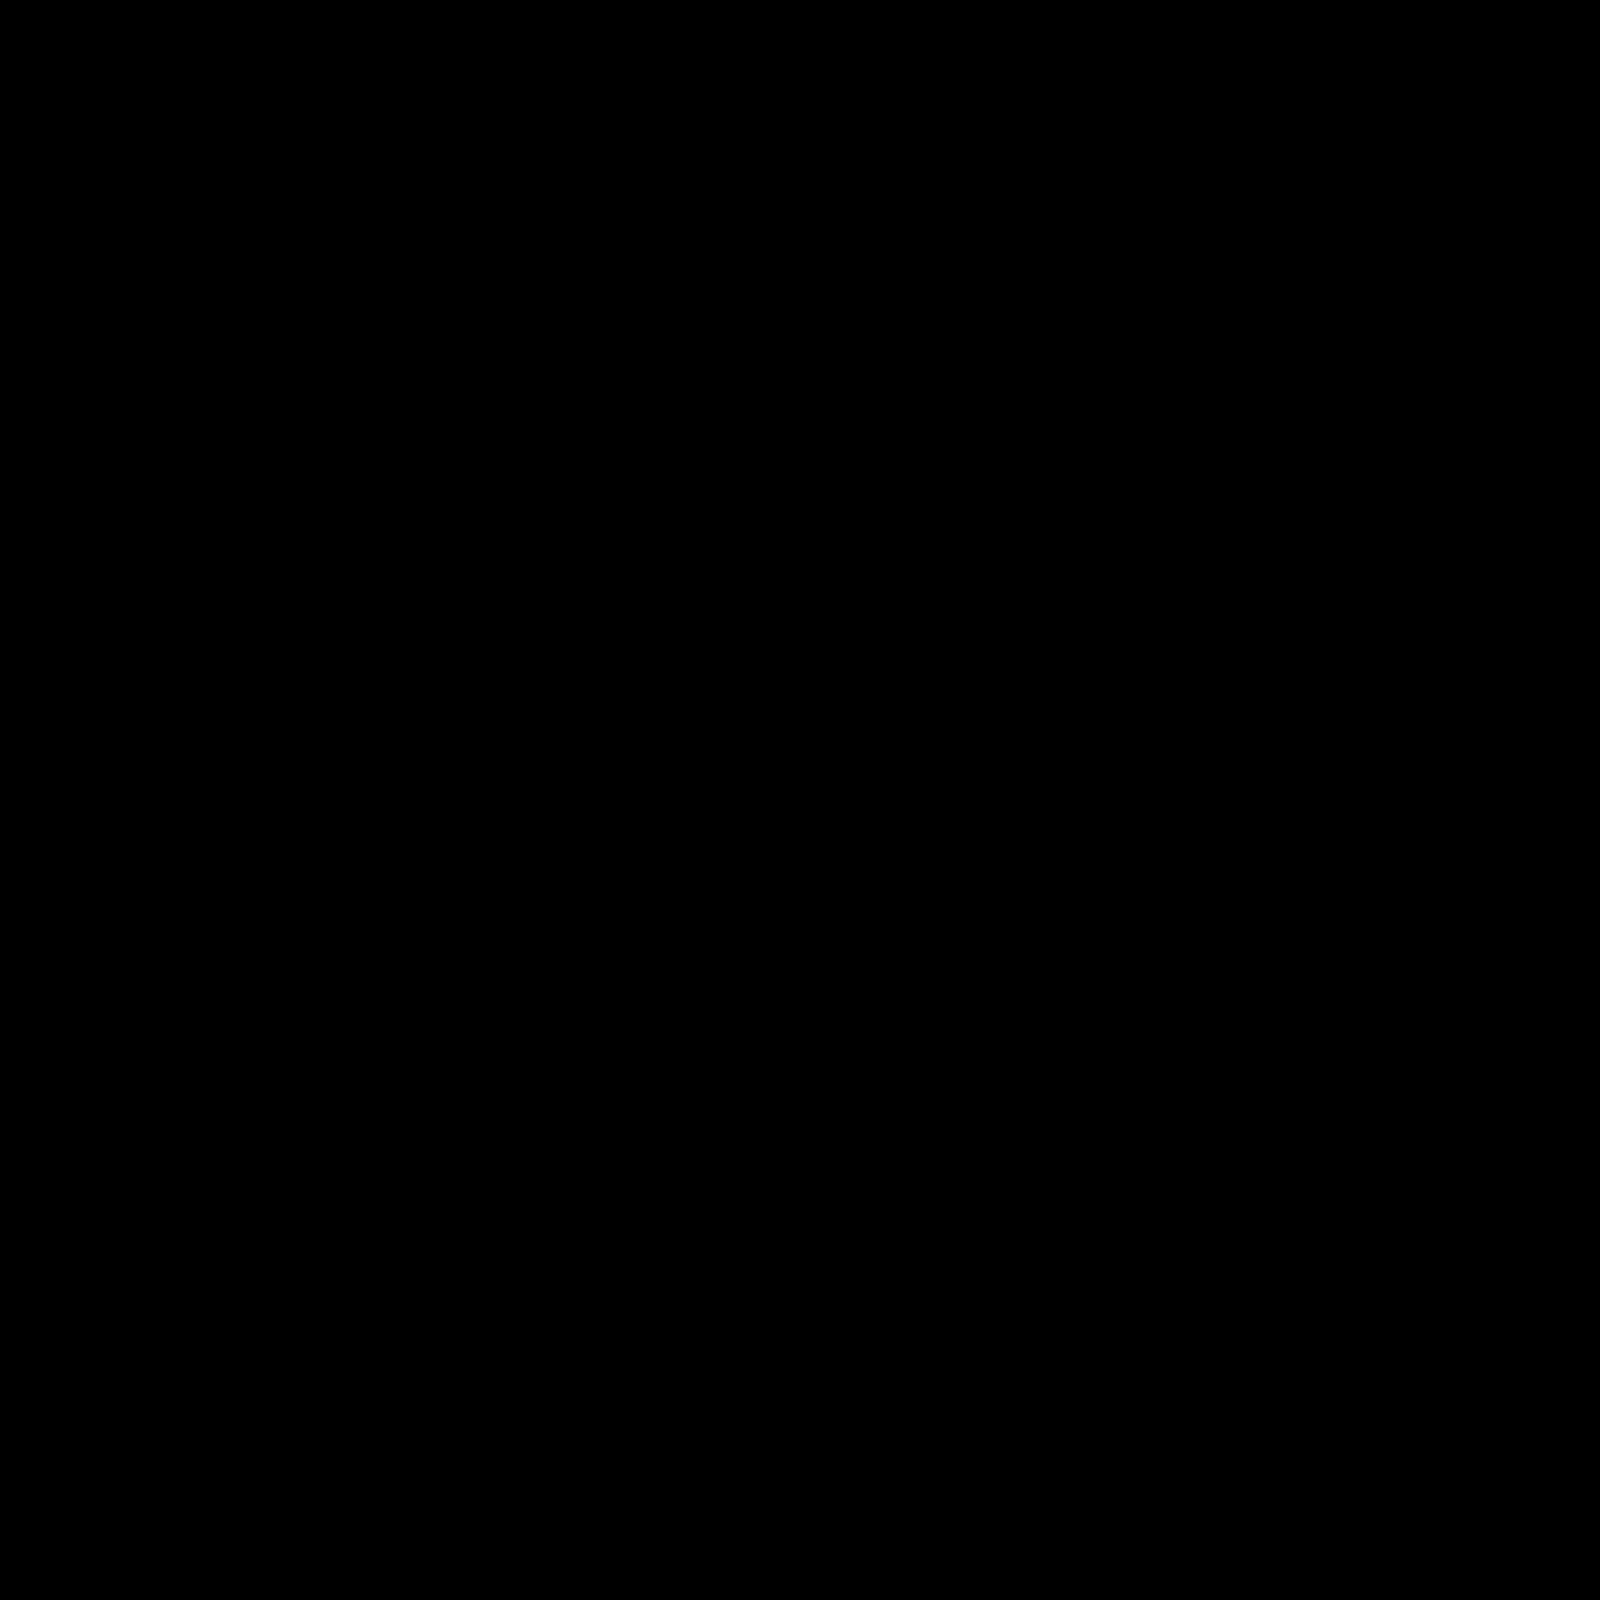 コンテンツ icon. The content icon is represented with squares that have symbols inside them to show the images that can be represented in the content. The other part of the content icon is a couple straight lines to represent written words.